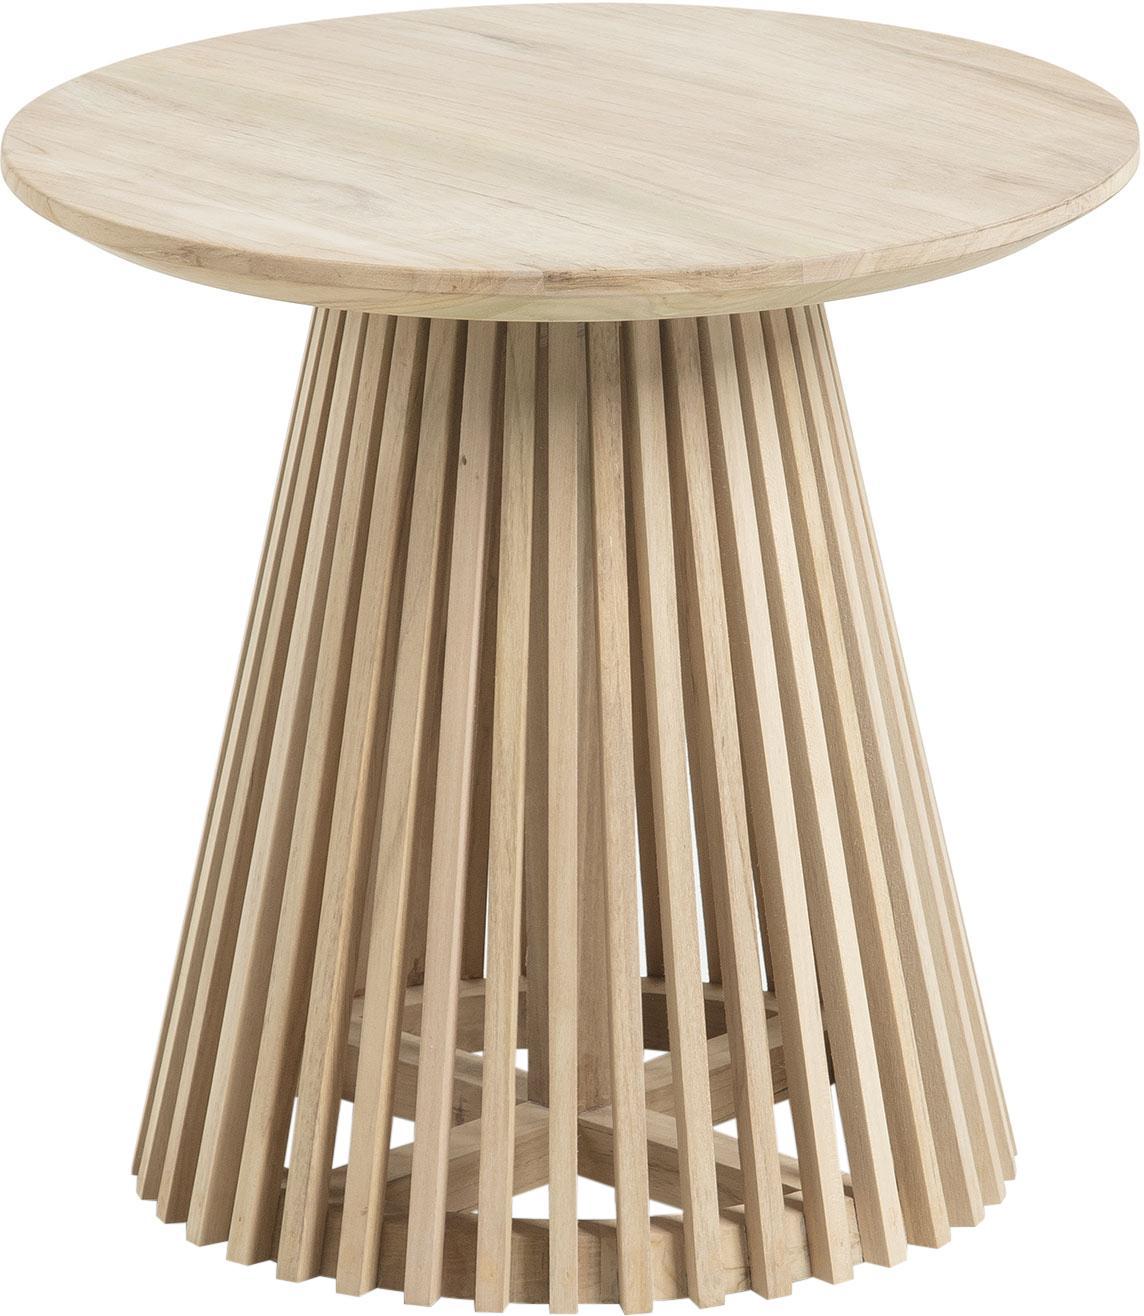 Okrągły stolik pomocniczy z drewna Jeanette, Drewno tekowe, Drewno tekowe, Ø 50 x W 48 cm